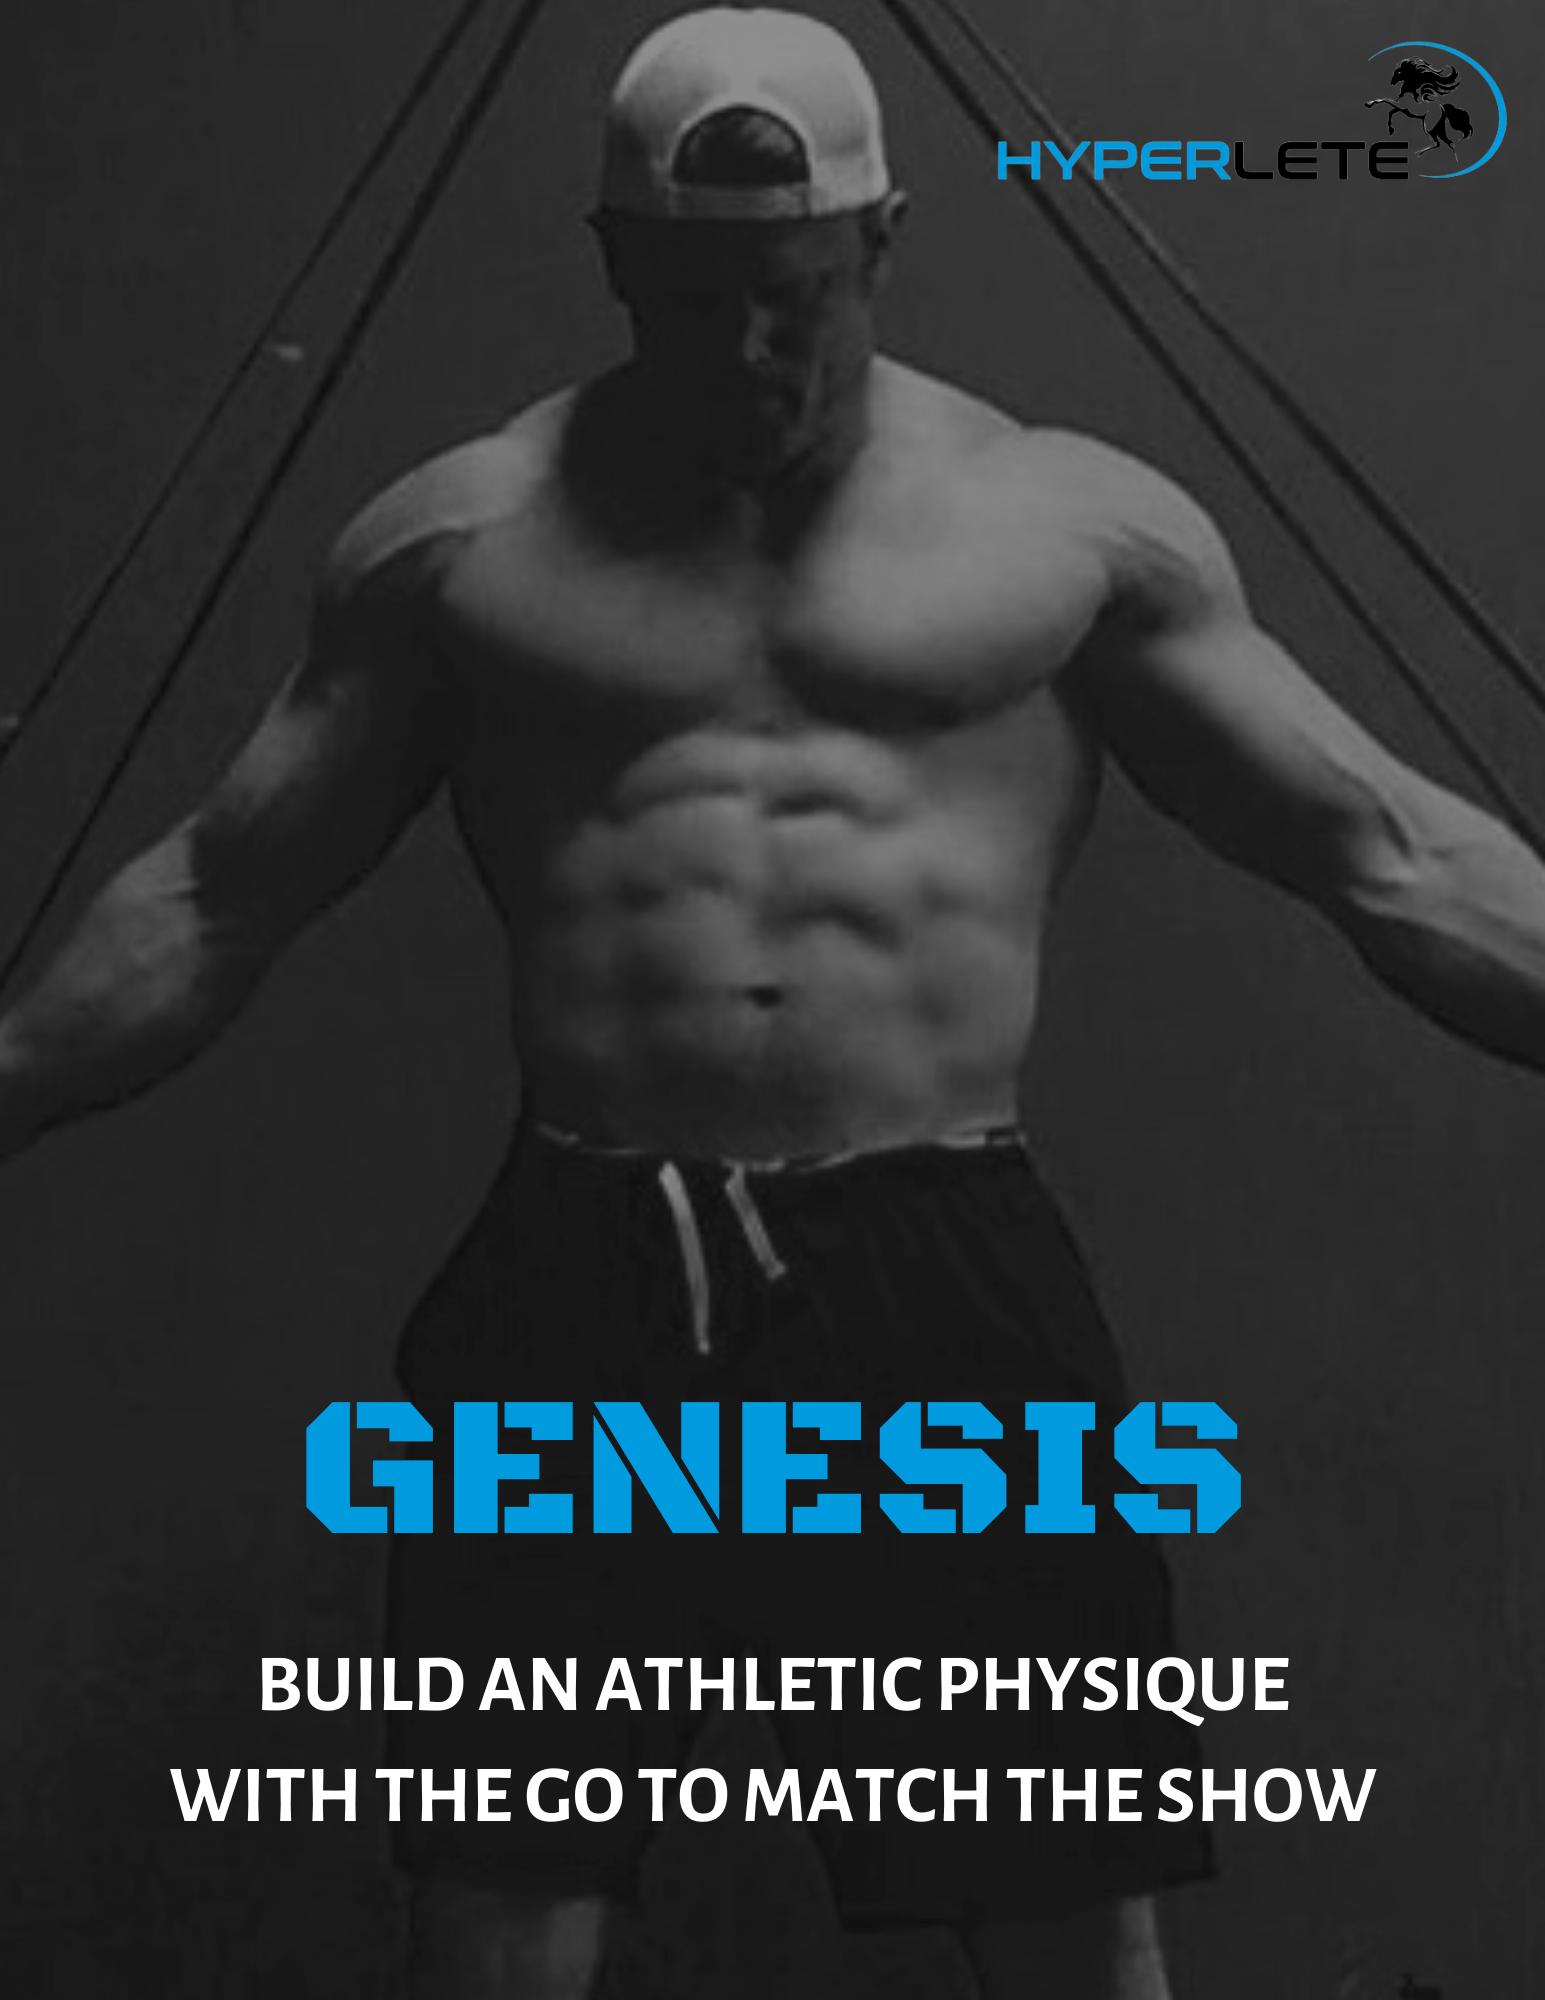 HyperLete Genesis Covers